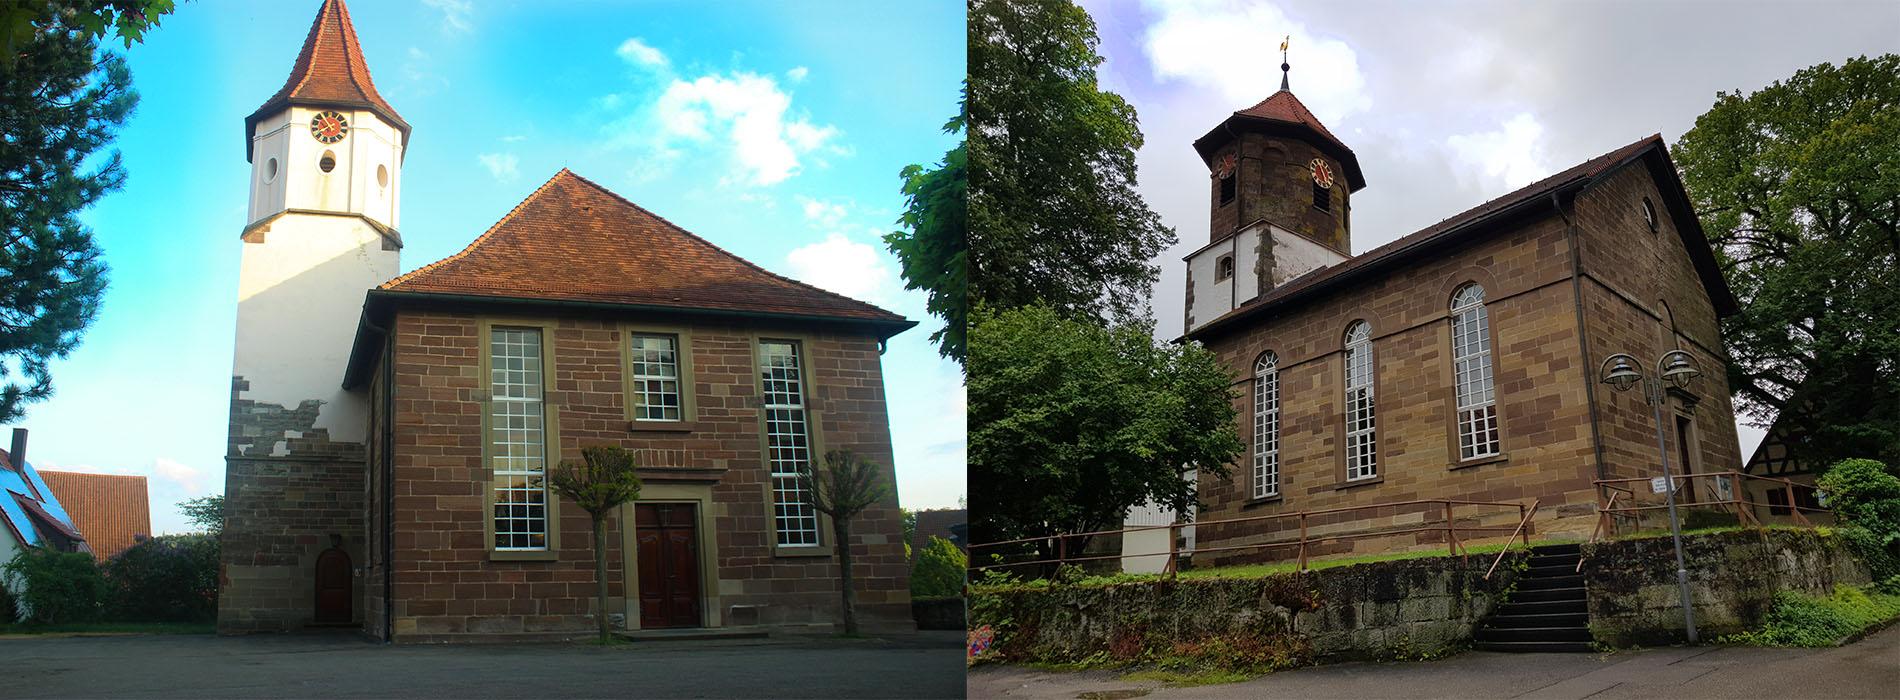 https://kirche-grossaltdorf.de/images/slide/Kirche_Banner.jpg